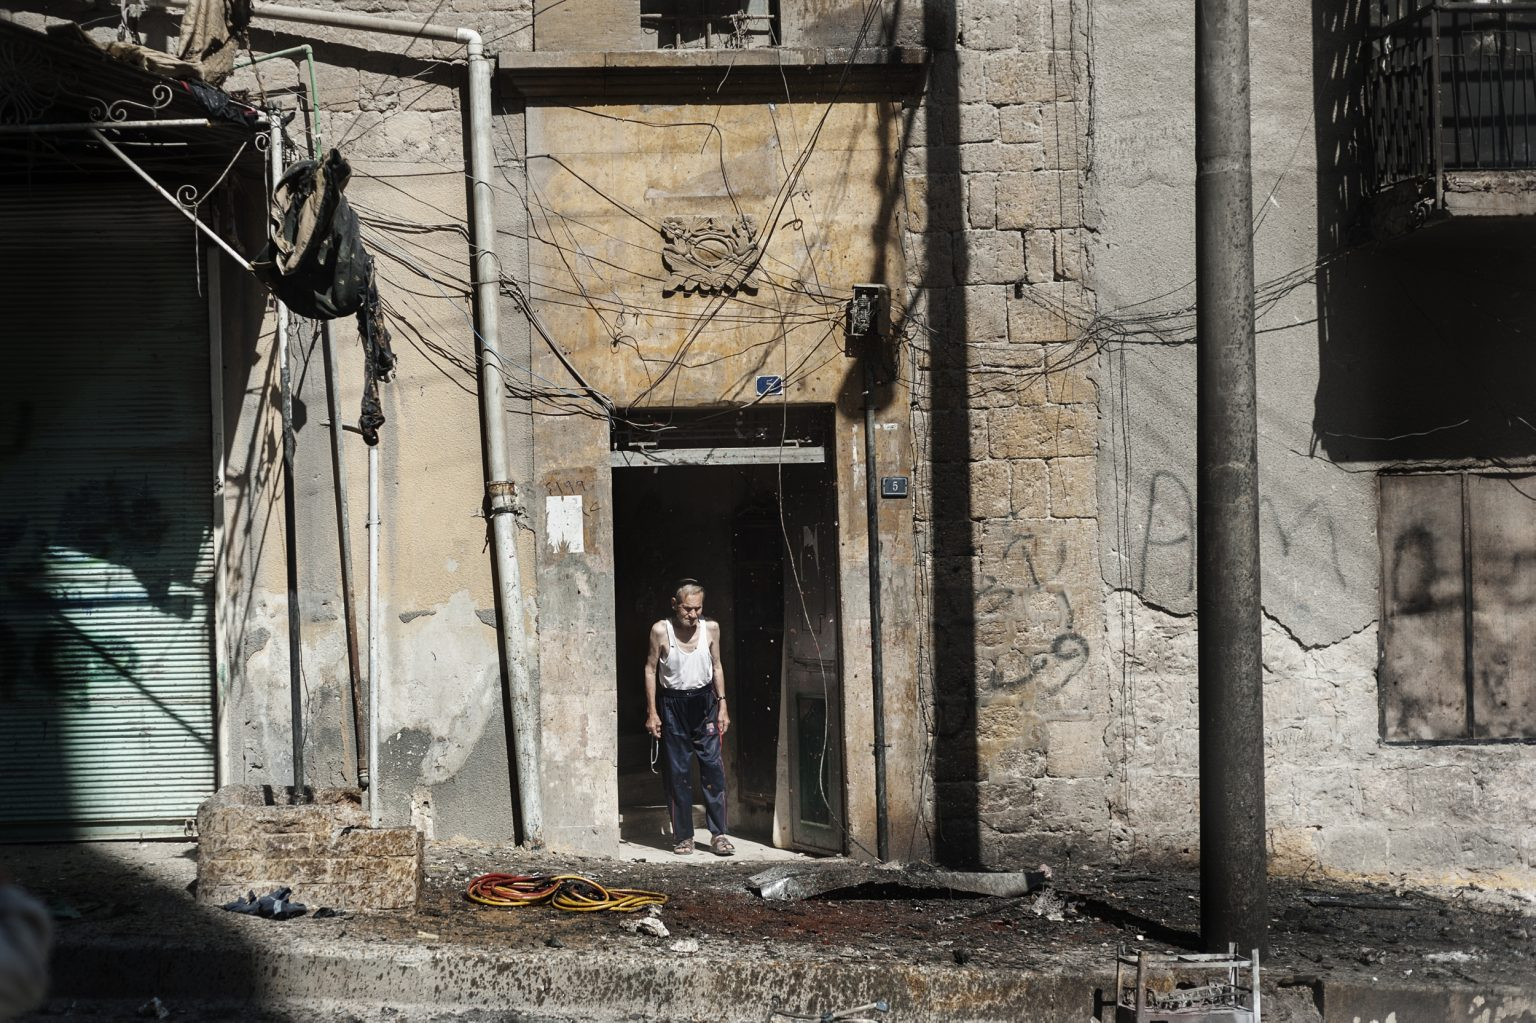 Aleppo, Syria- September 26th 2012 - A man looking out at the entrance to his building after a government bombing --------------- Aleppo, Siria - 26 settembre 2012 - Un uomo che guarda all'ingresso del suo edificio dopo un bombardamento governativo